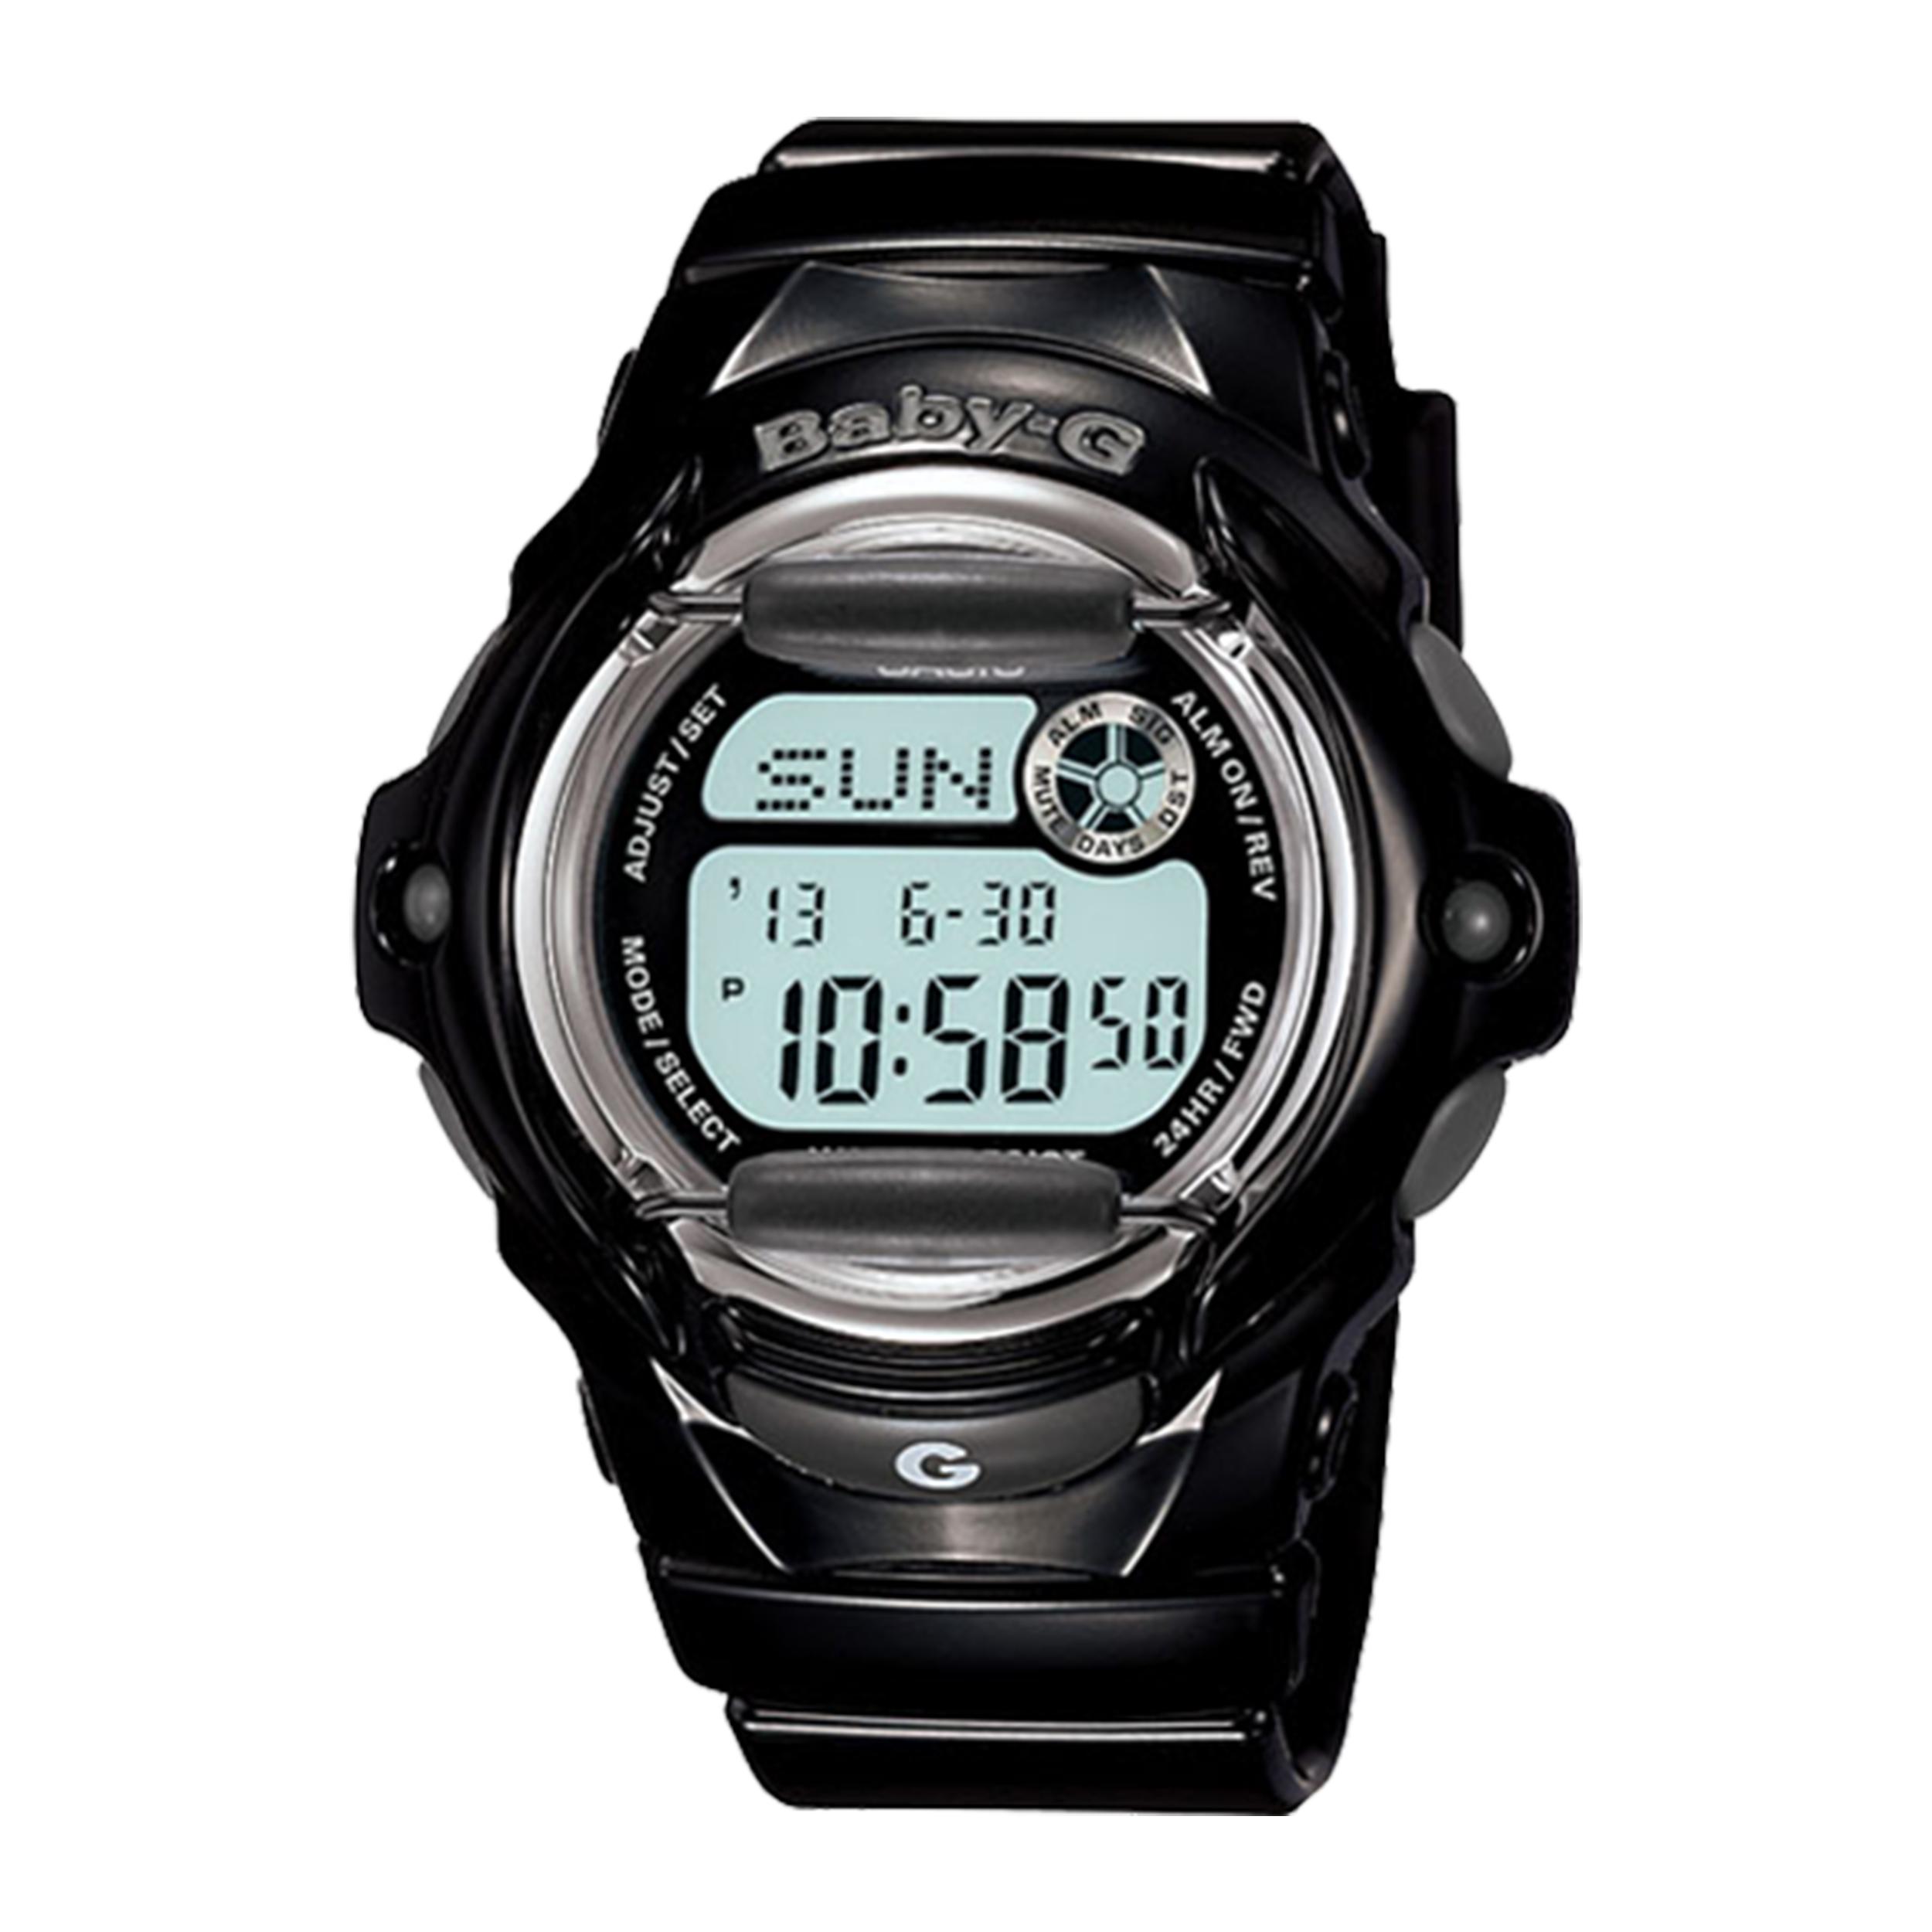 ساعت مچی دیجیتال زنانه کاسیو مدل BG-169R-1DR